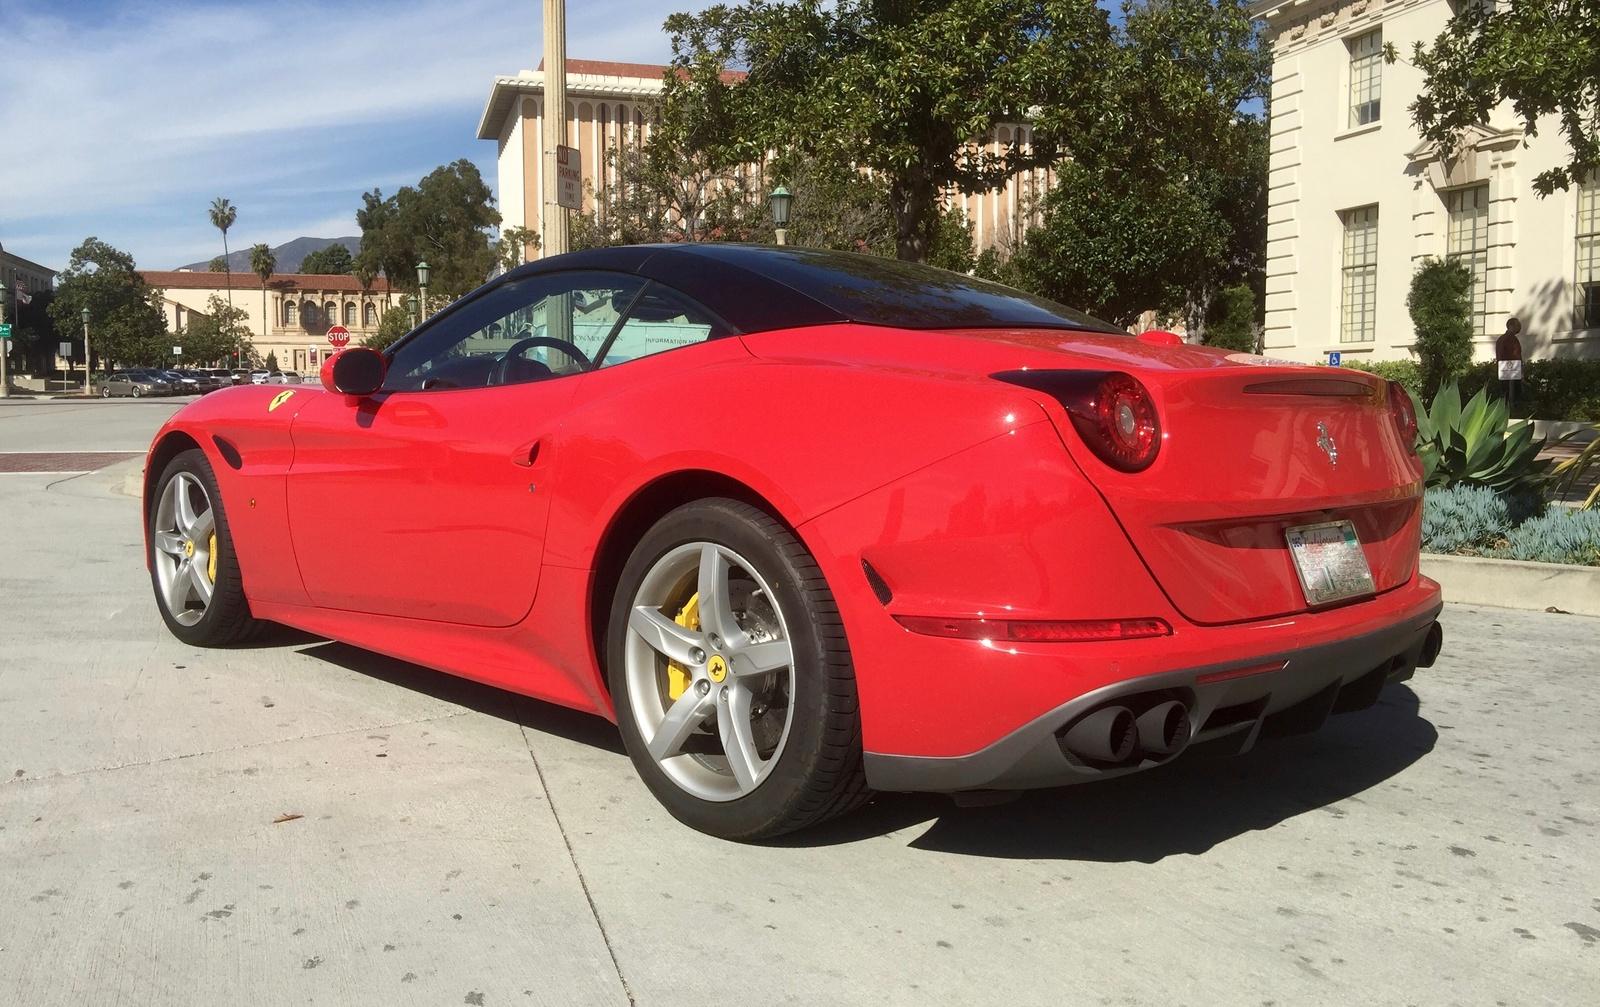 2017 Ferrari California T - Overview - CarGurus